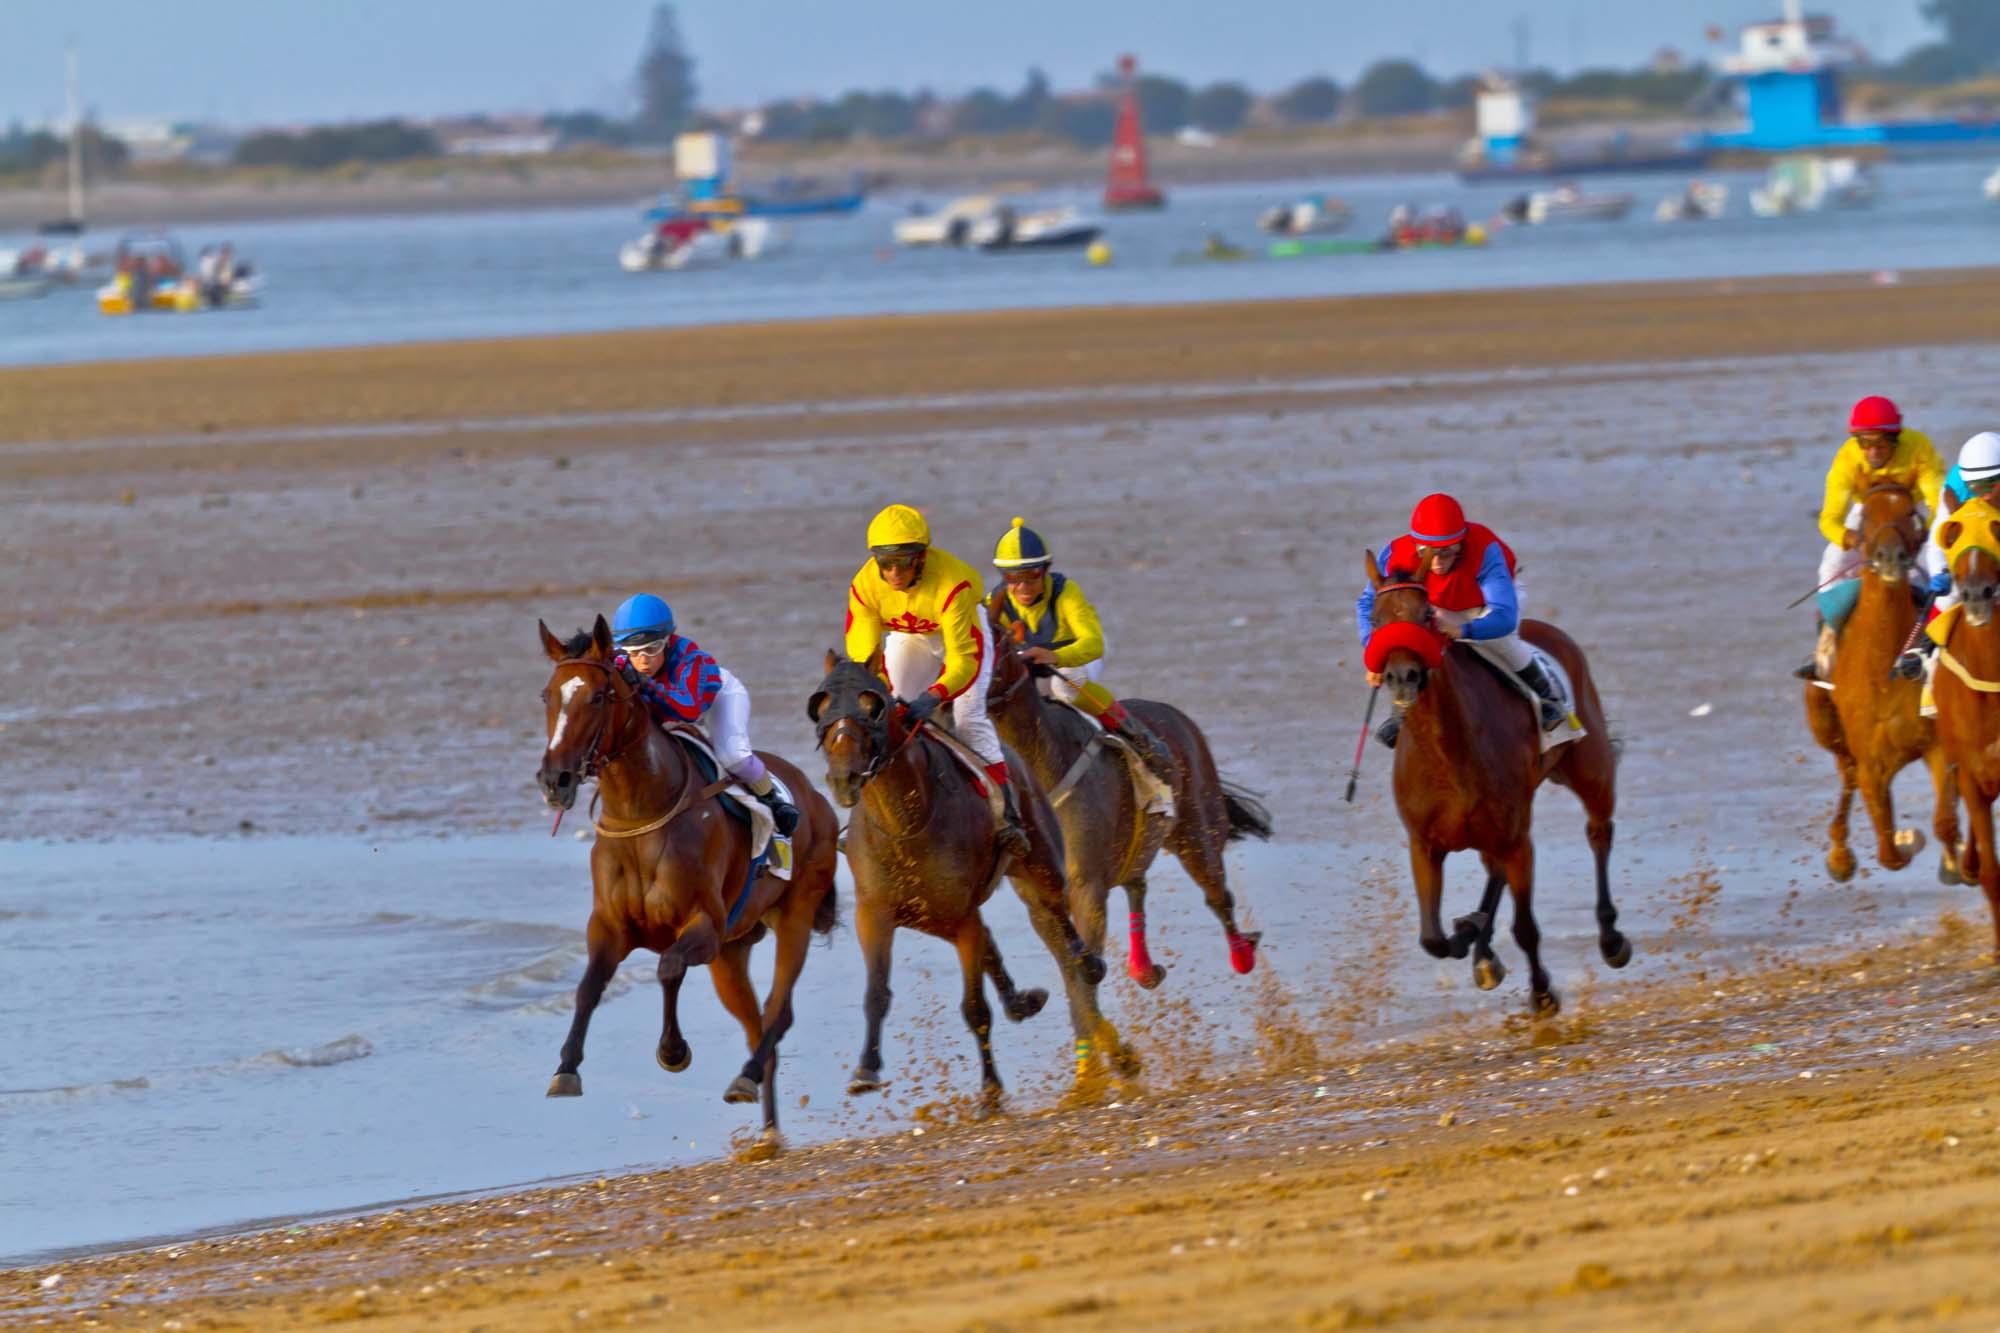 Las carreras de caballos en las playas de este municipio gaditano son uno de sus grandes atractivos. Foto: Shutterstock.